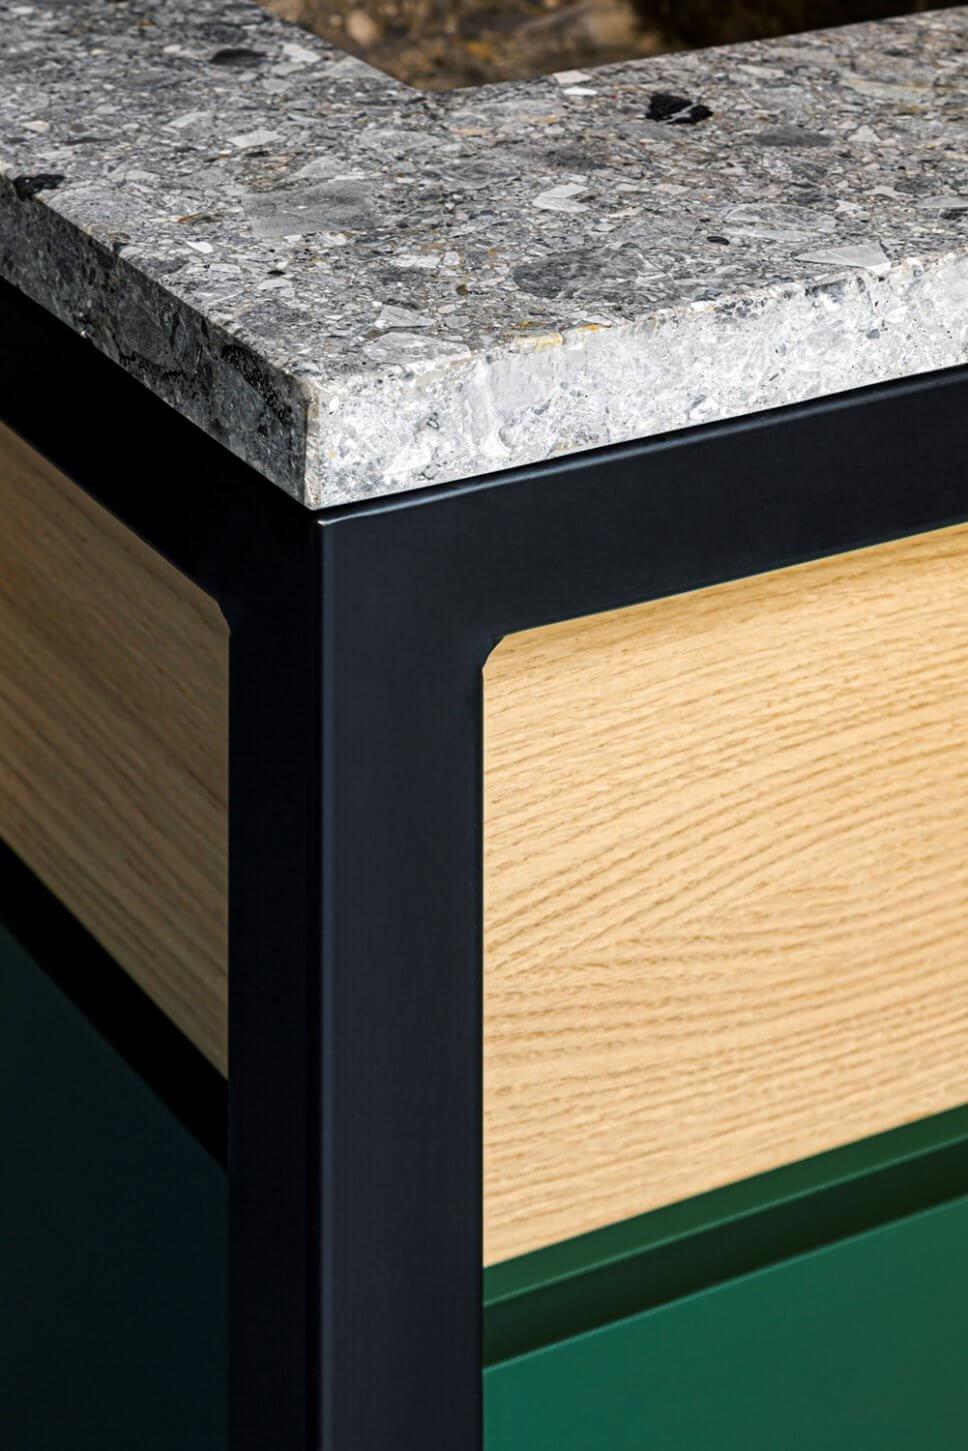 Detail einer Kücheninsel aus grauem Stein, hellem Holz und grünem Lack